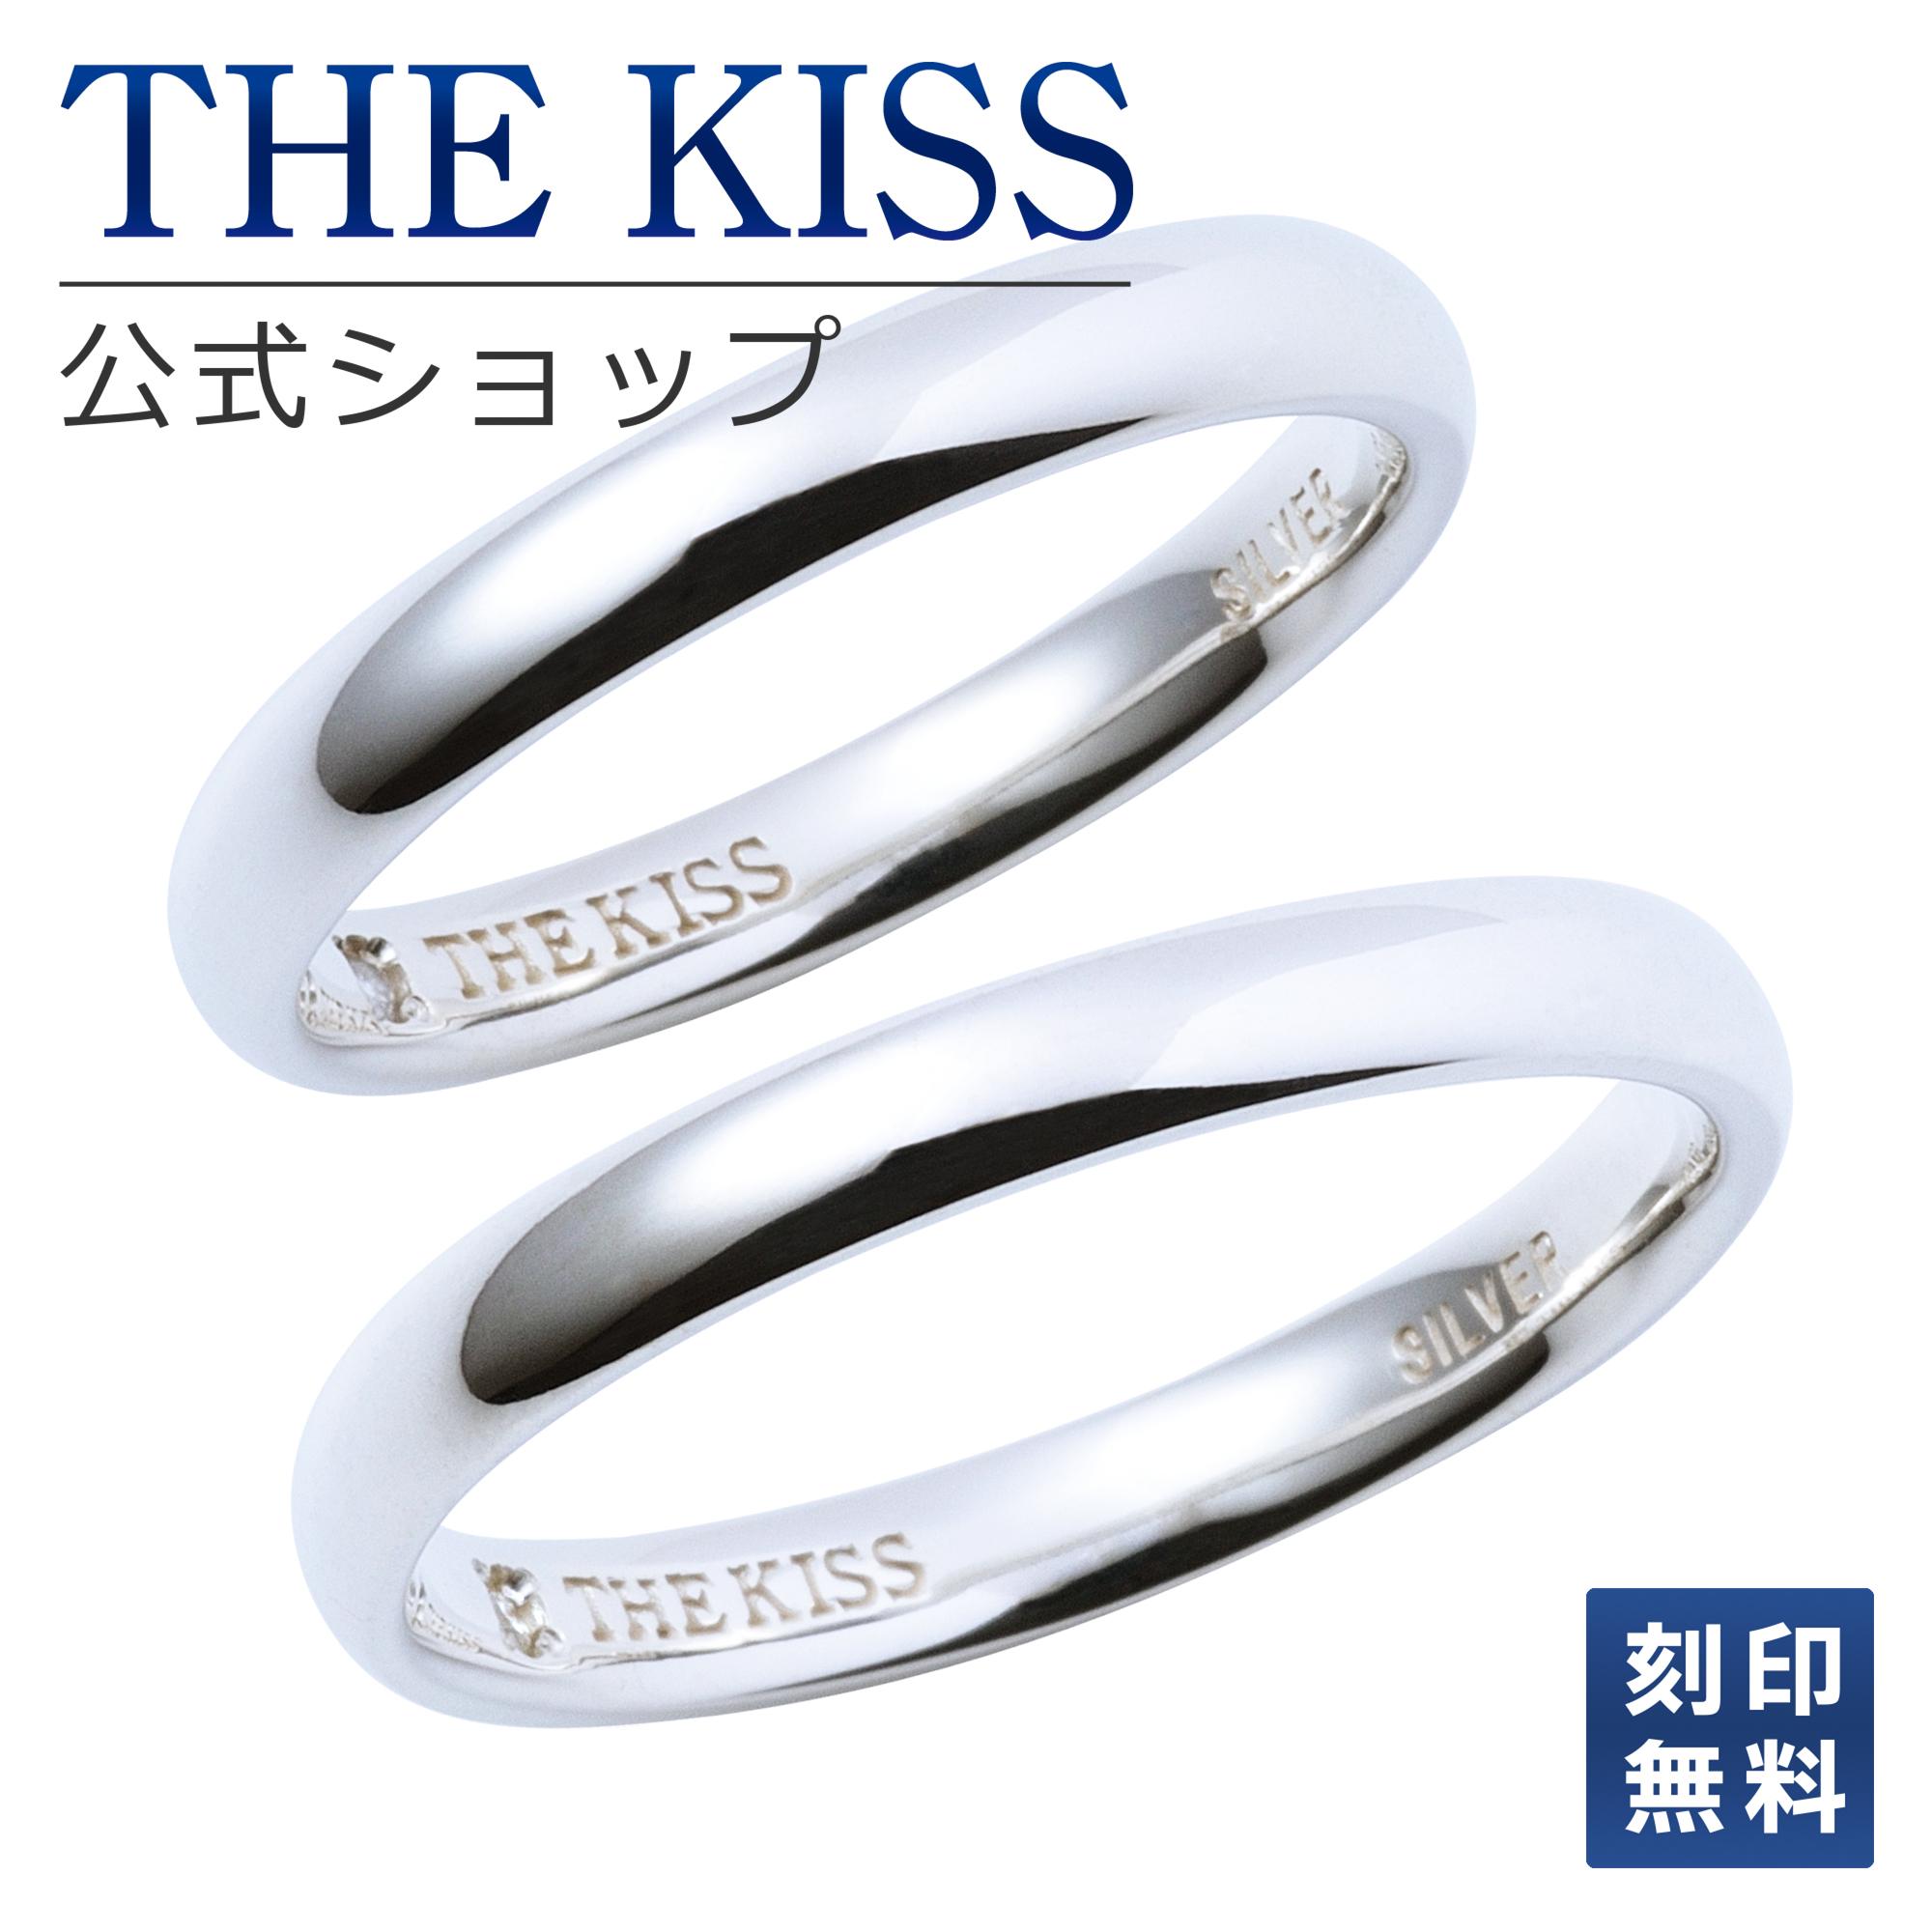 【刻印可_8文字】【あす楽対応】THE KISS 公式サイト シルバー ペアリング ダイヤモンド ペアアクセサリー カップル に 人気 の ジュエリーブランド THEKISS ペア リング・指輪 記念日 プレゼント SR1540DM-P セット シンプル ザキス 【送料無料】